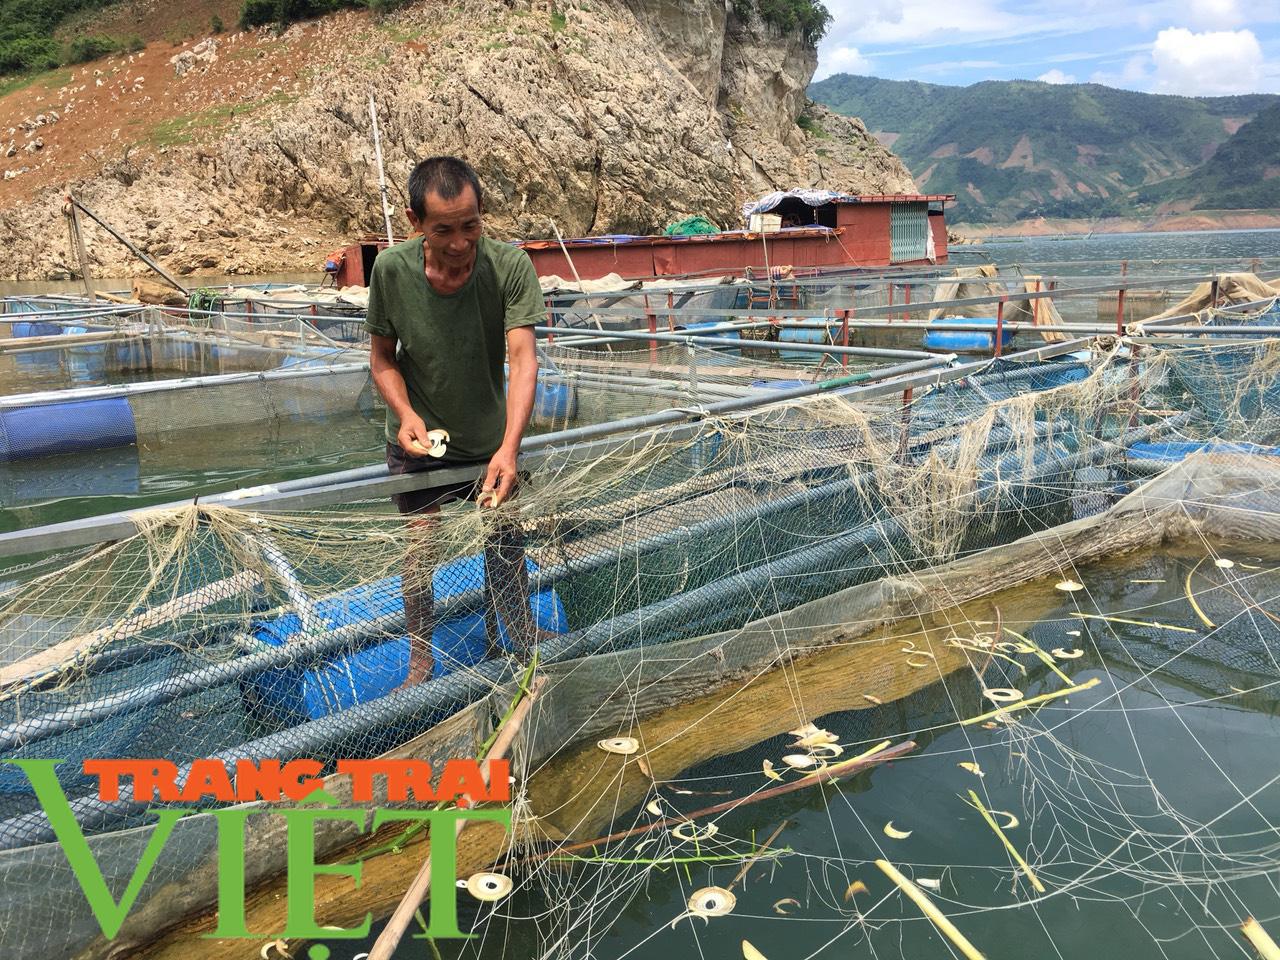 Nông dân vùng lòng hồ sông Đà khấm khá nhờ nuôi cá lồng - Ảnh 5.